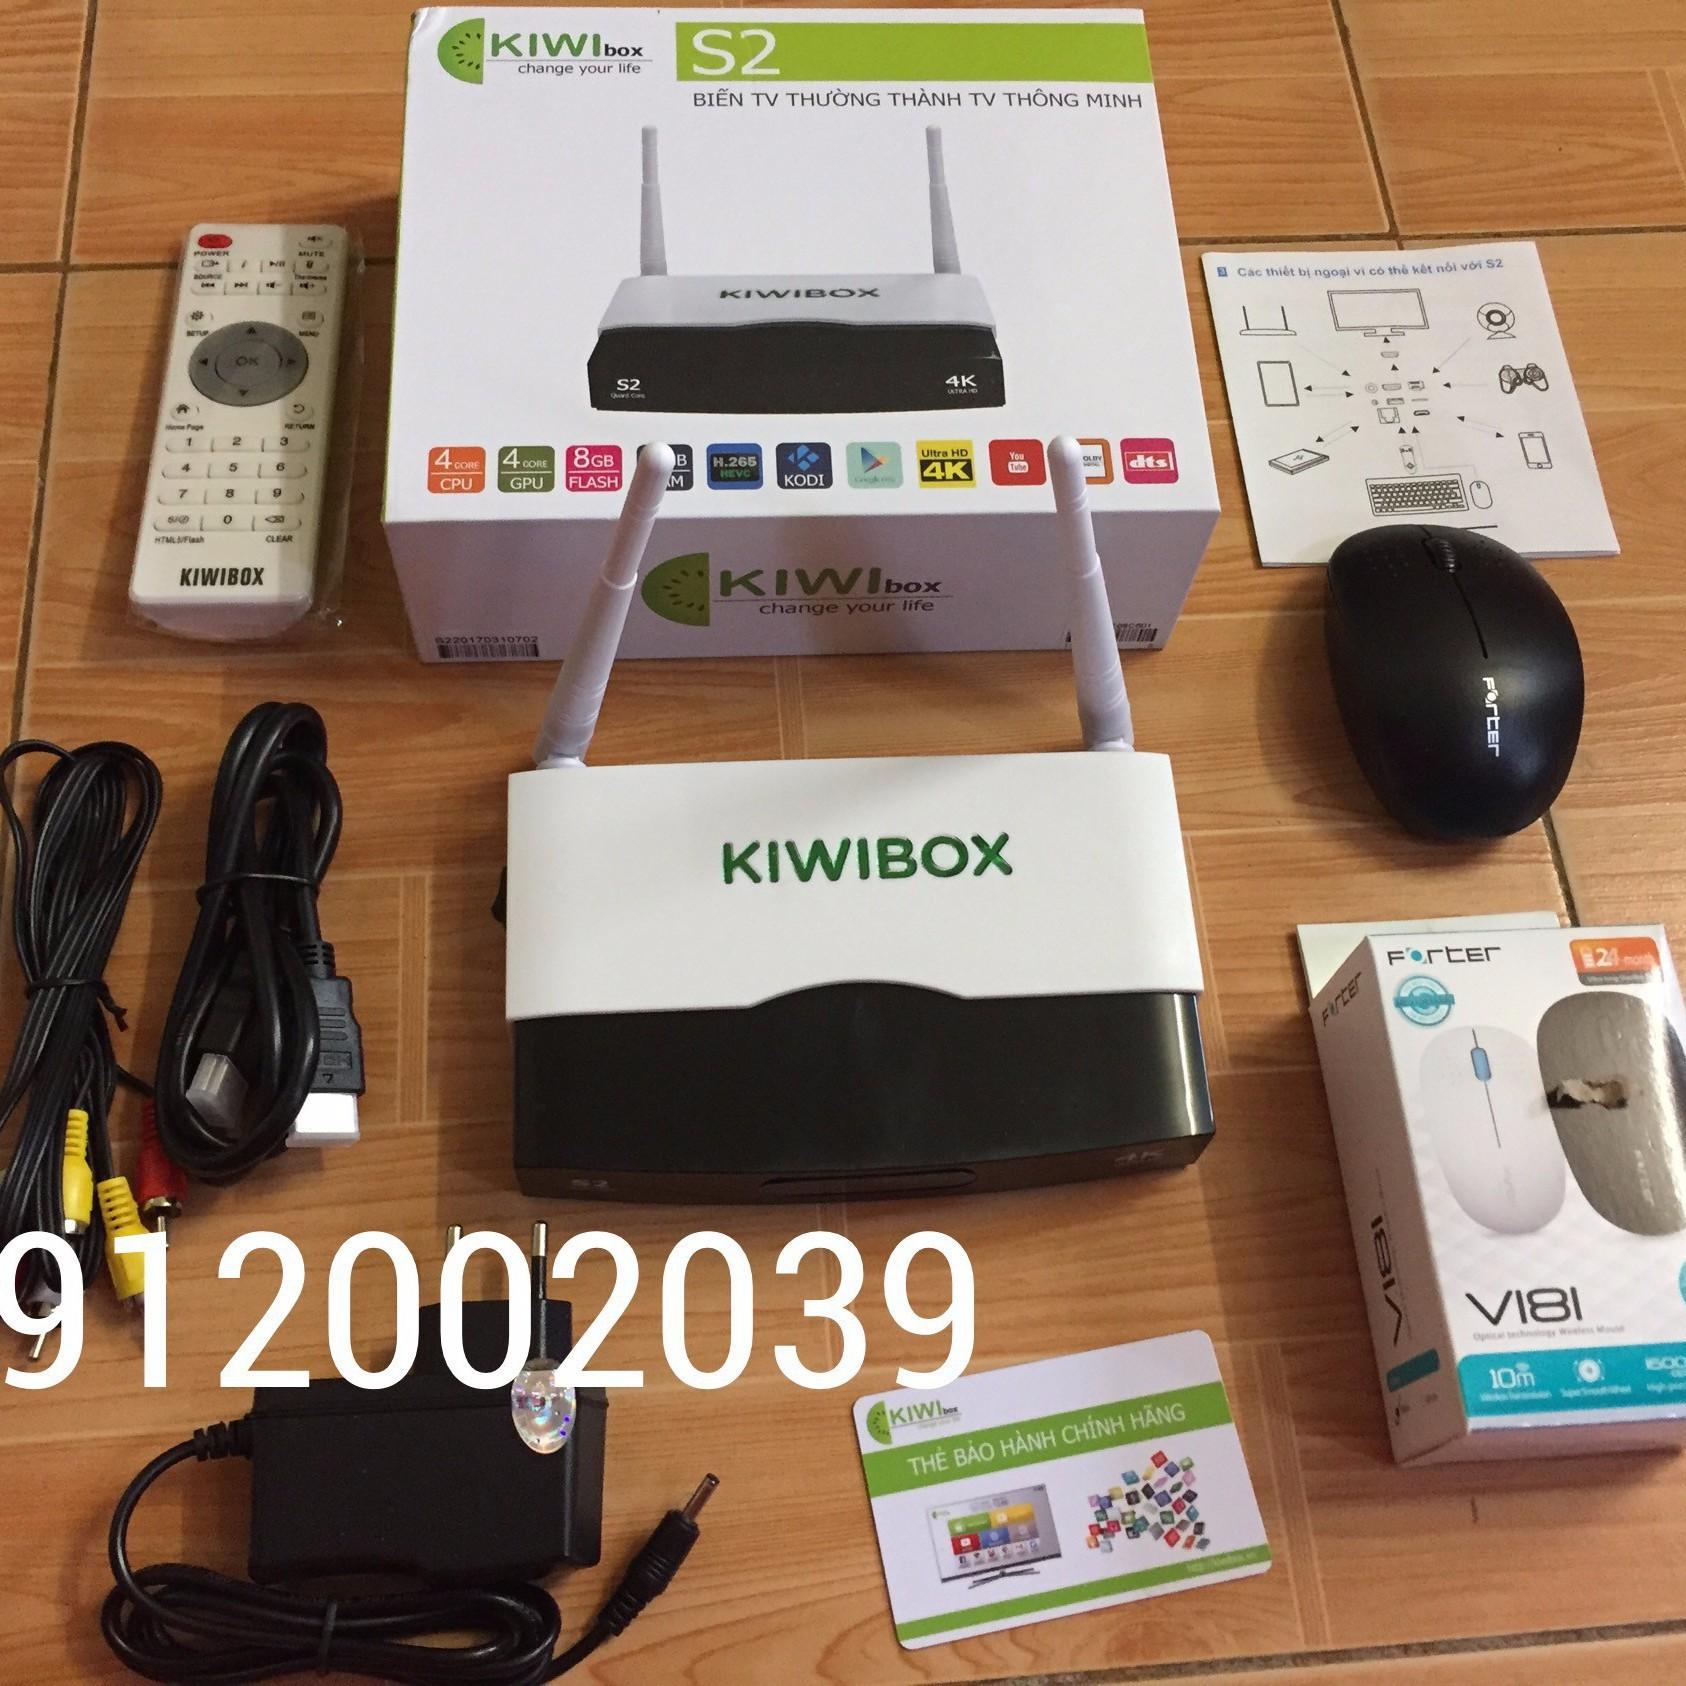 TV BOX KIWIBOX S2 TẶNG CHUỘT FORTER V181 - KIWIBOX S2 TẶNG CHUỘT